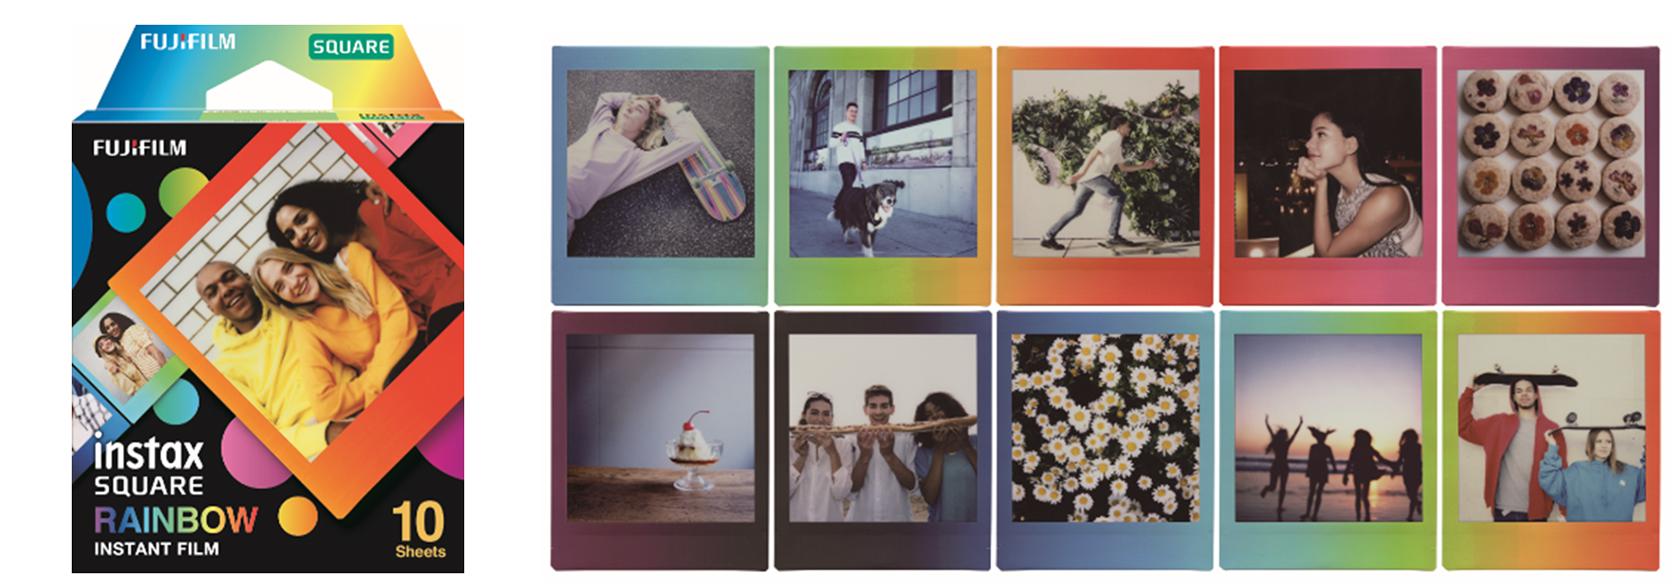 """[Image]Square format film """"RAINBOW"""""""